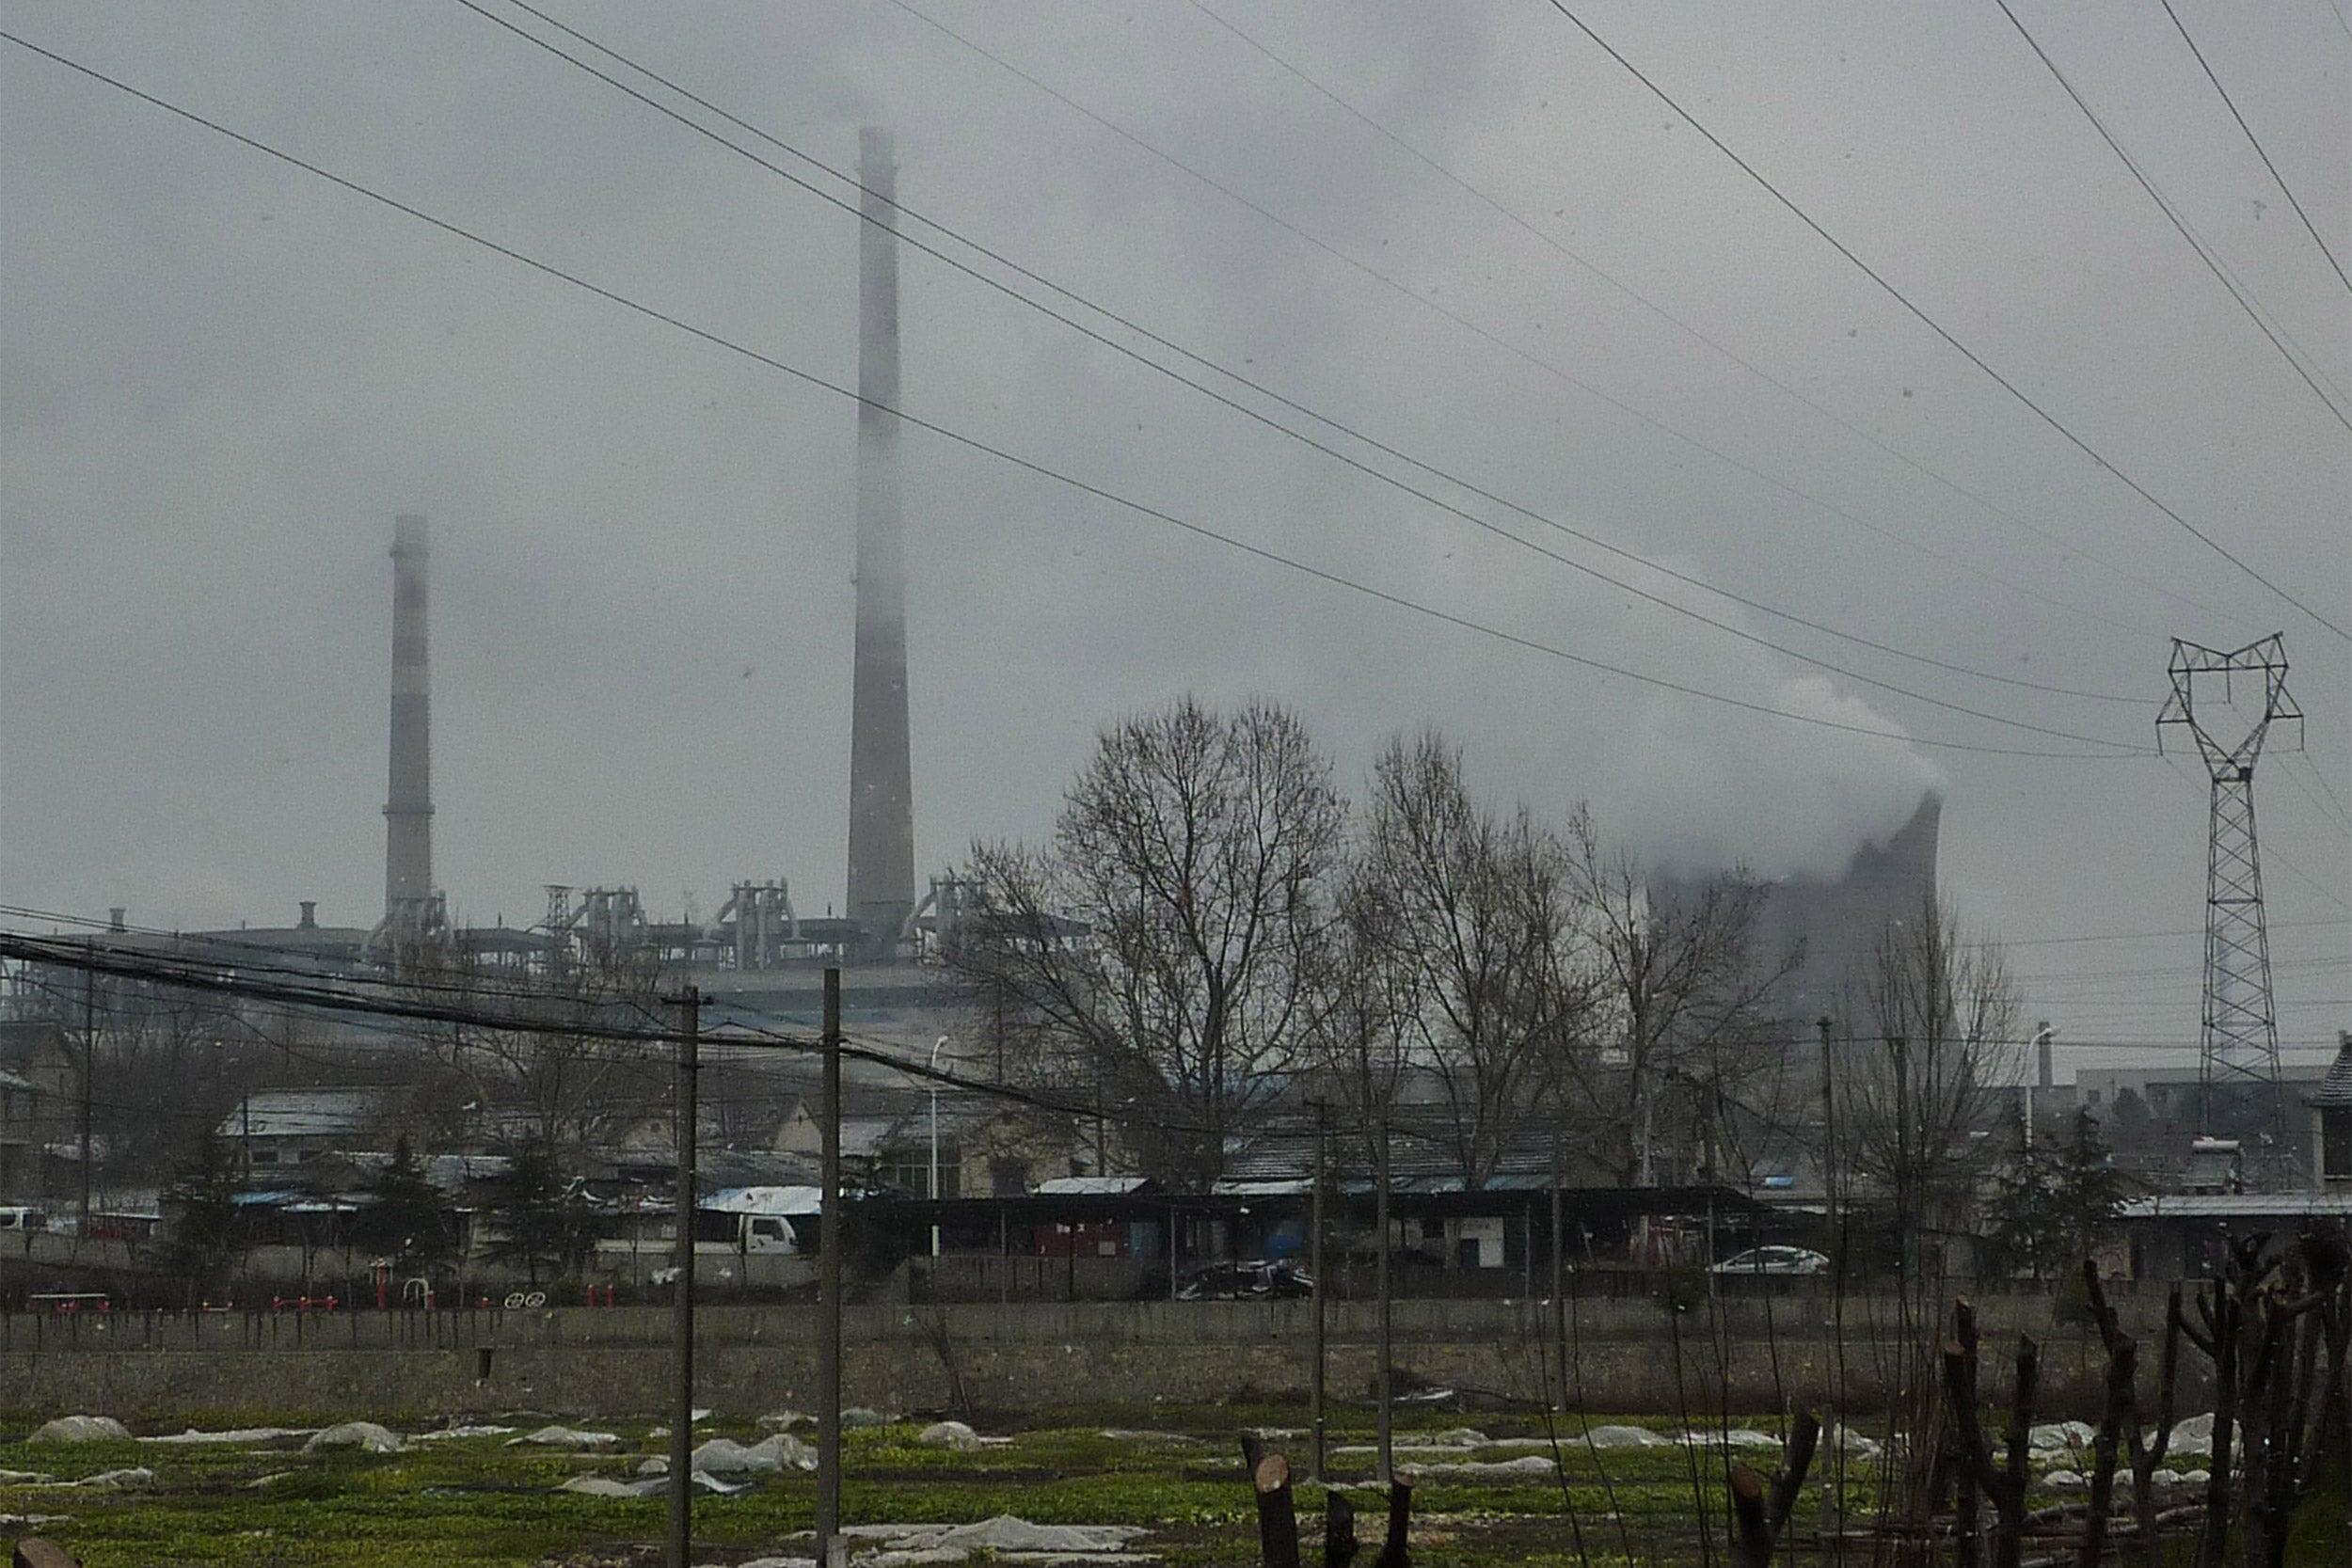 Ganjiaxiang's industrial panorama.